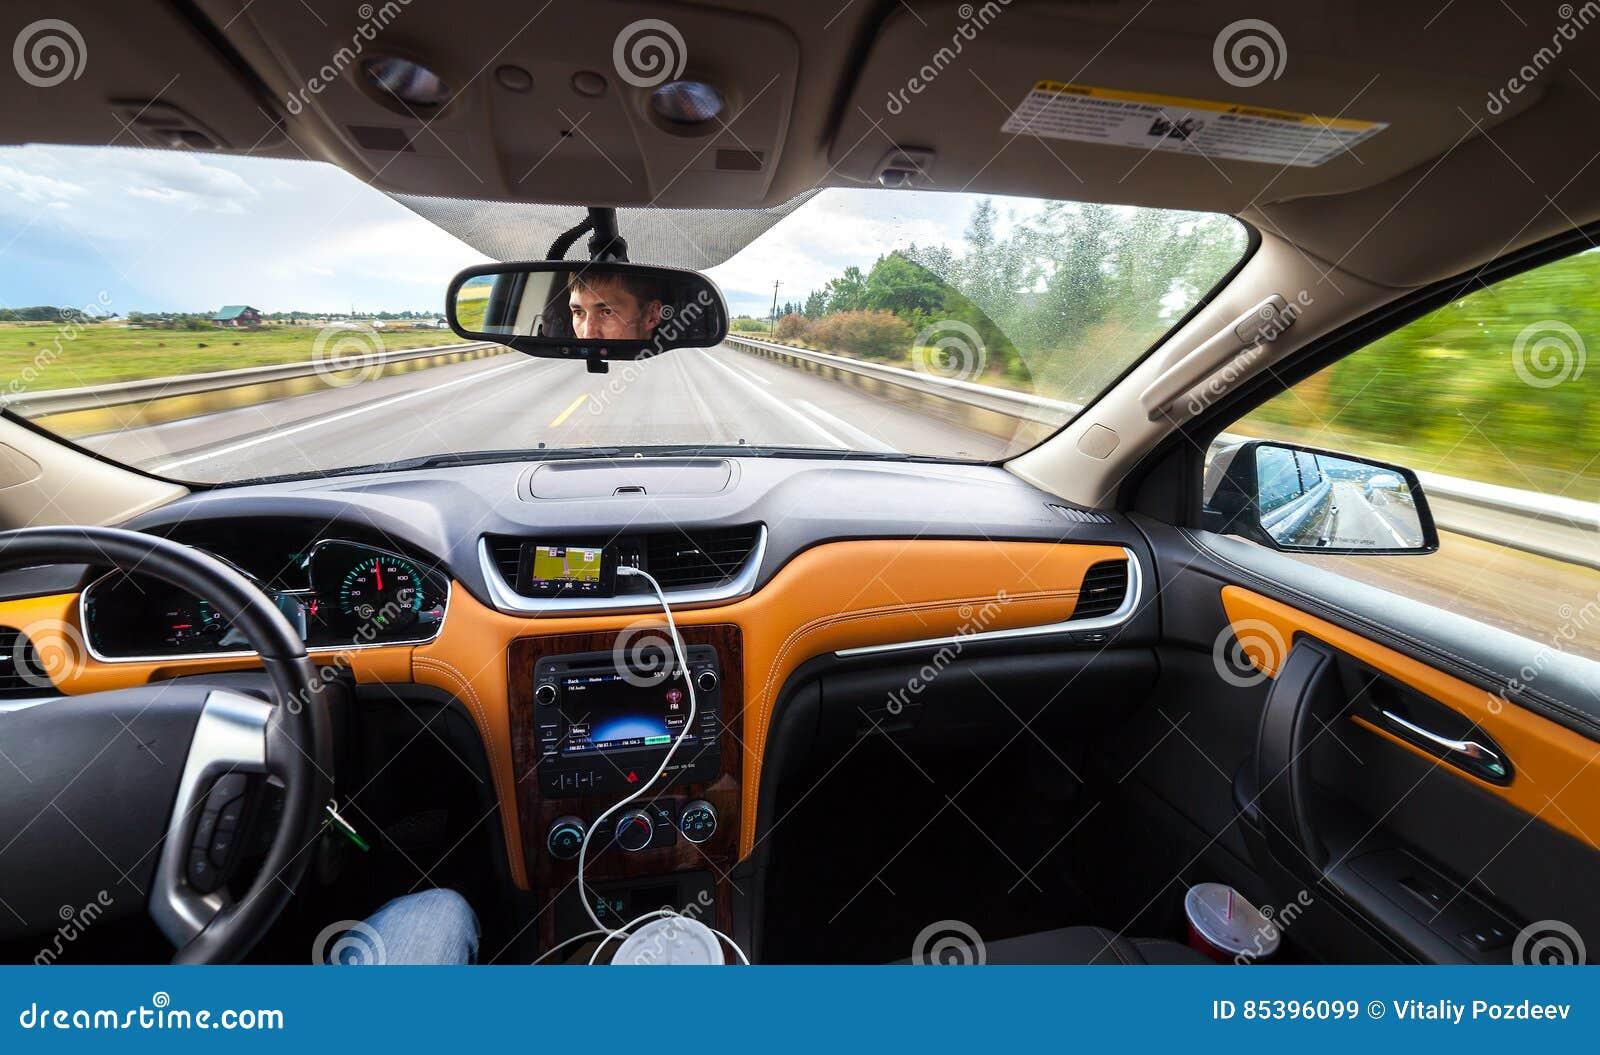 Entfernungsmesser Für Auto : Ansicht vom luxusauto nach innen stockbild bild von frisch